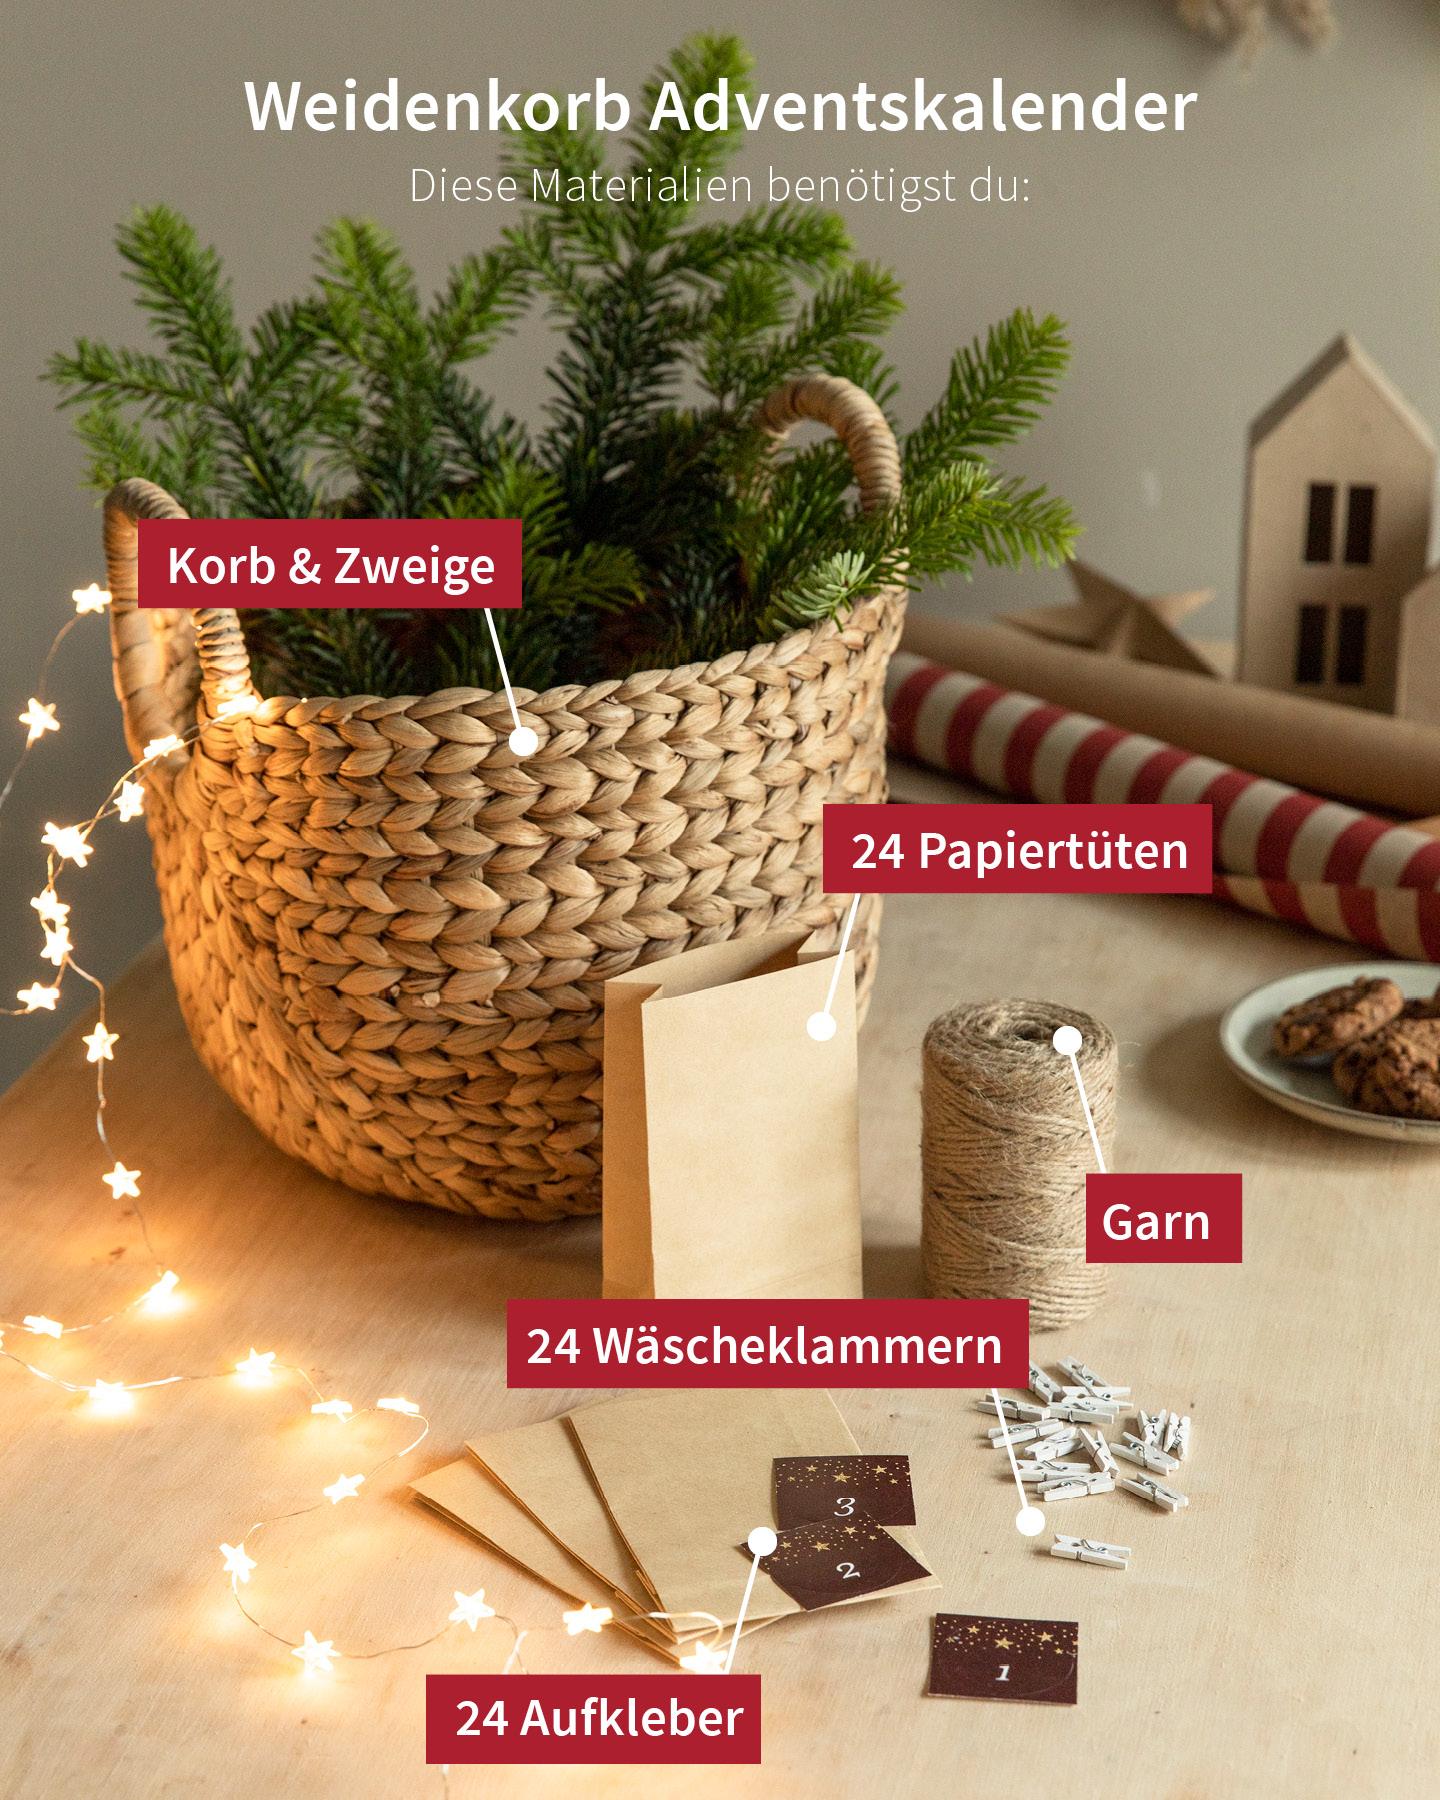 Materialien für einen Adventskalender mit Papiertüten stehen auf einem Tisch.